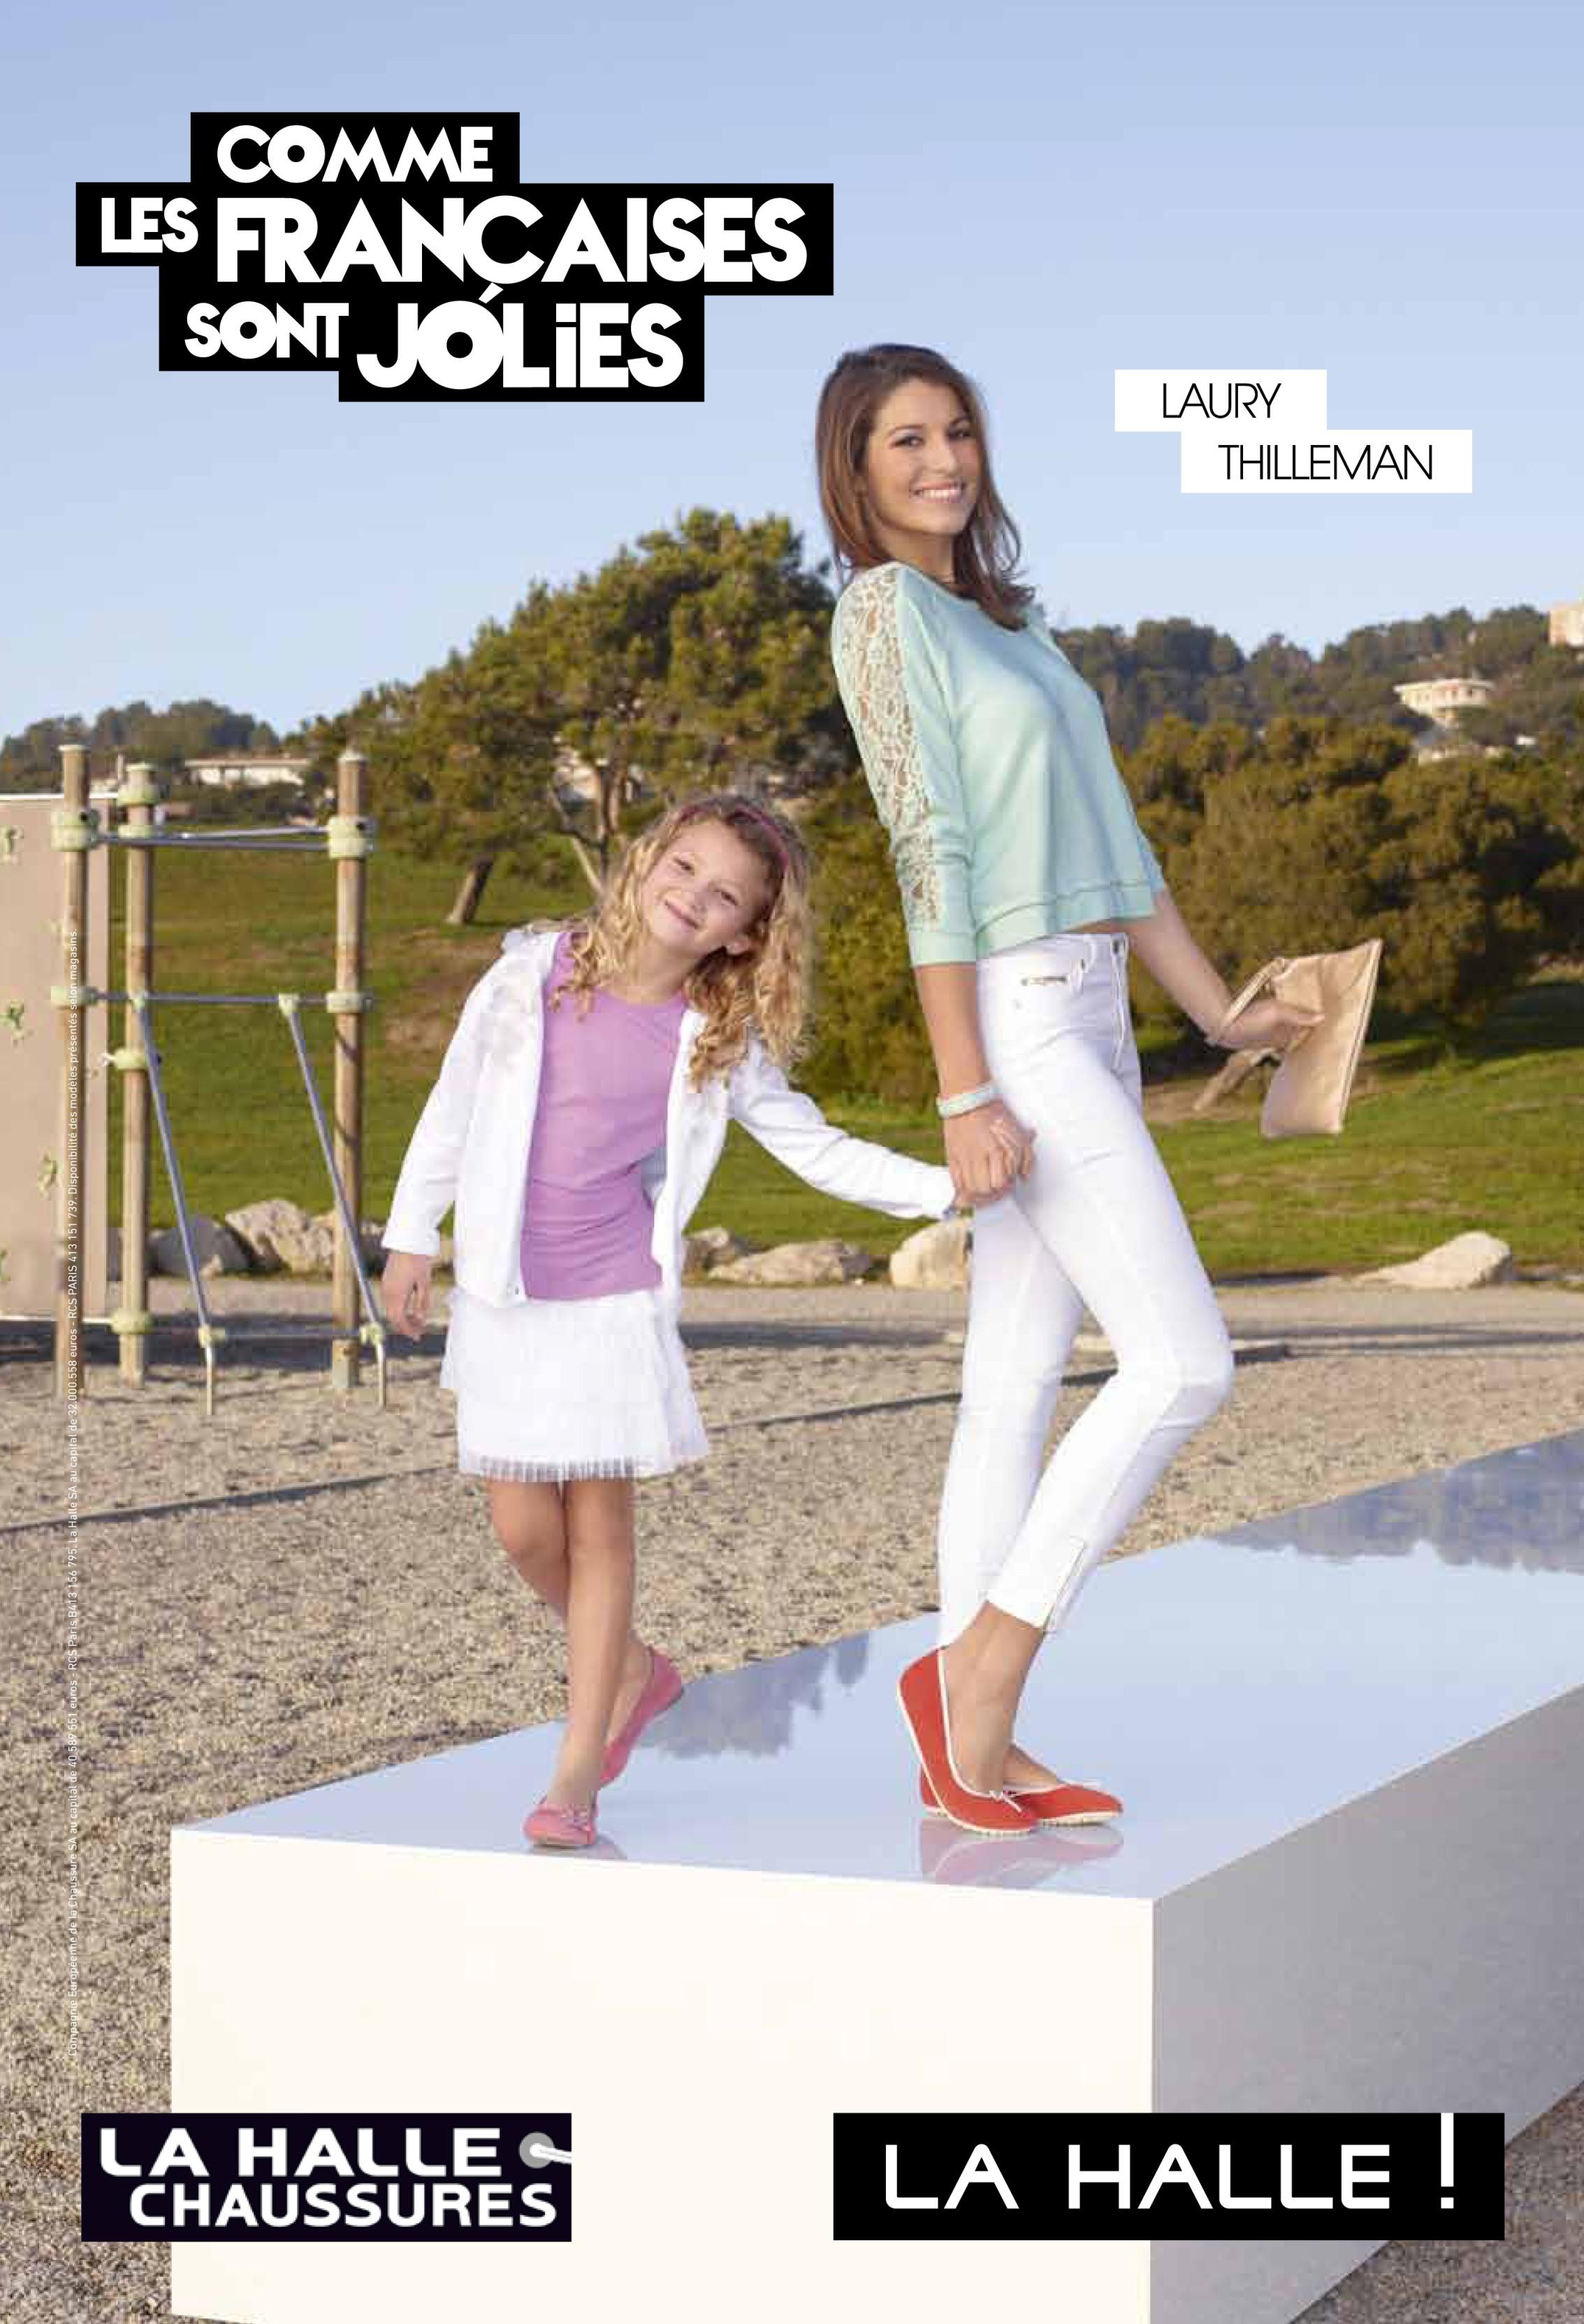 http://www.mode-et-femme.com/wp-content/uploads/Miss-France-pour-La-Halle-aux-Chaussures-1.jpg